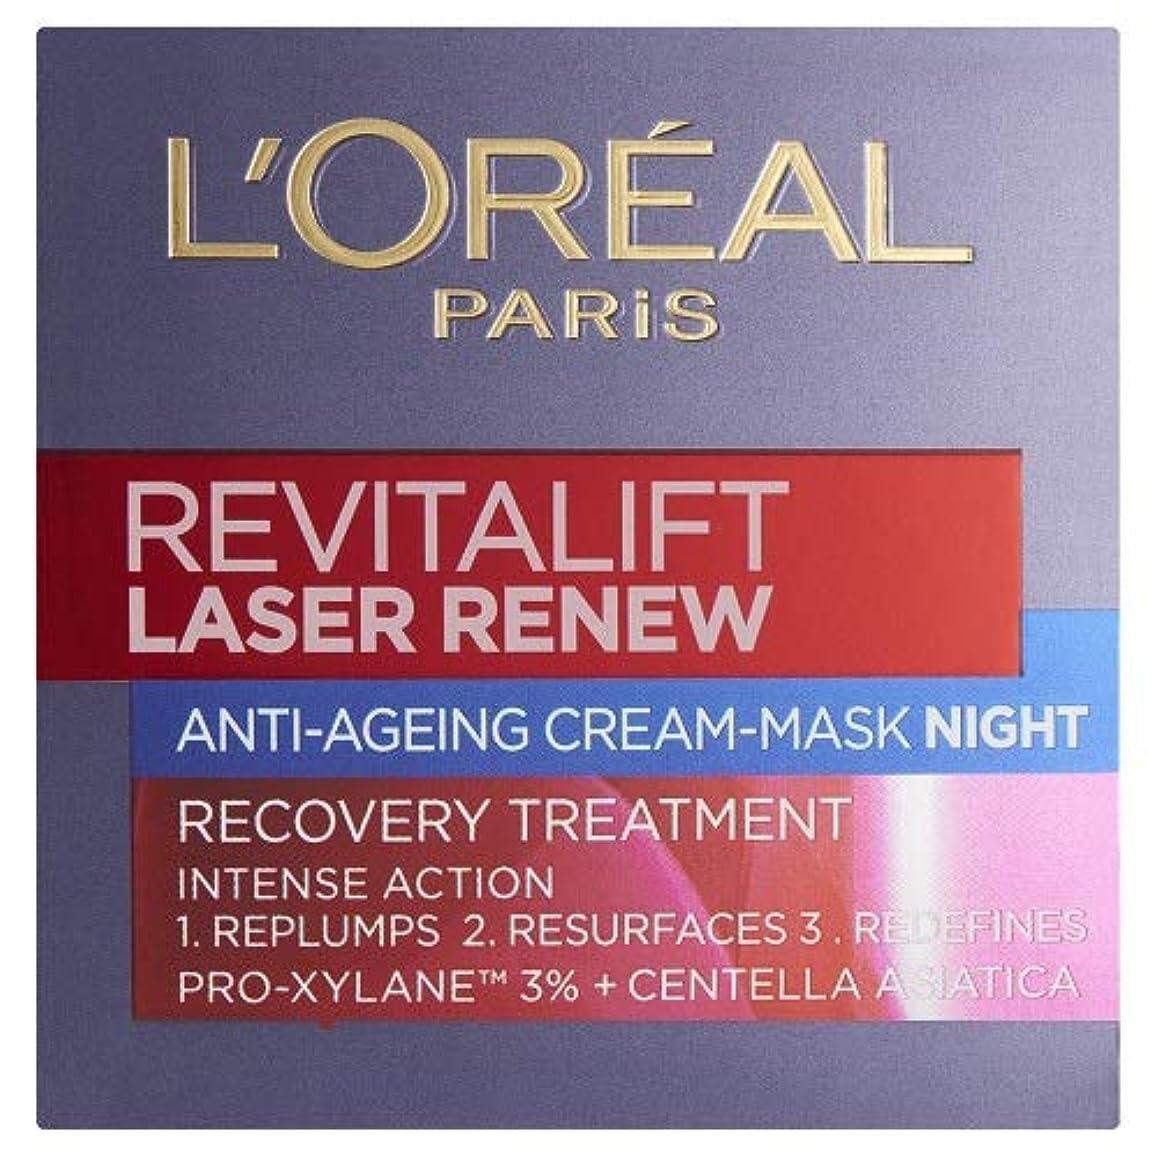 上記の頭と肩奨励飾るL'Oreal Paris Revitalift Laser Renew Night Cream (50ml) パリrevitaliftレーザーはナイトクリームを更新l'オラ?ら( 50ミリリットル)